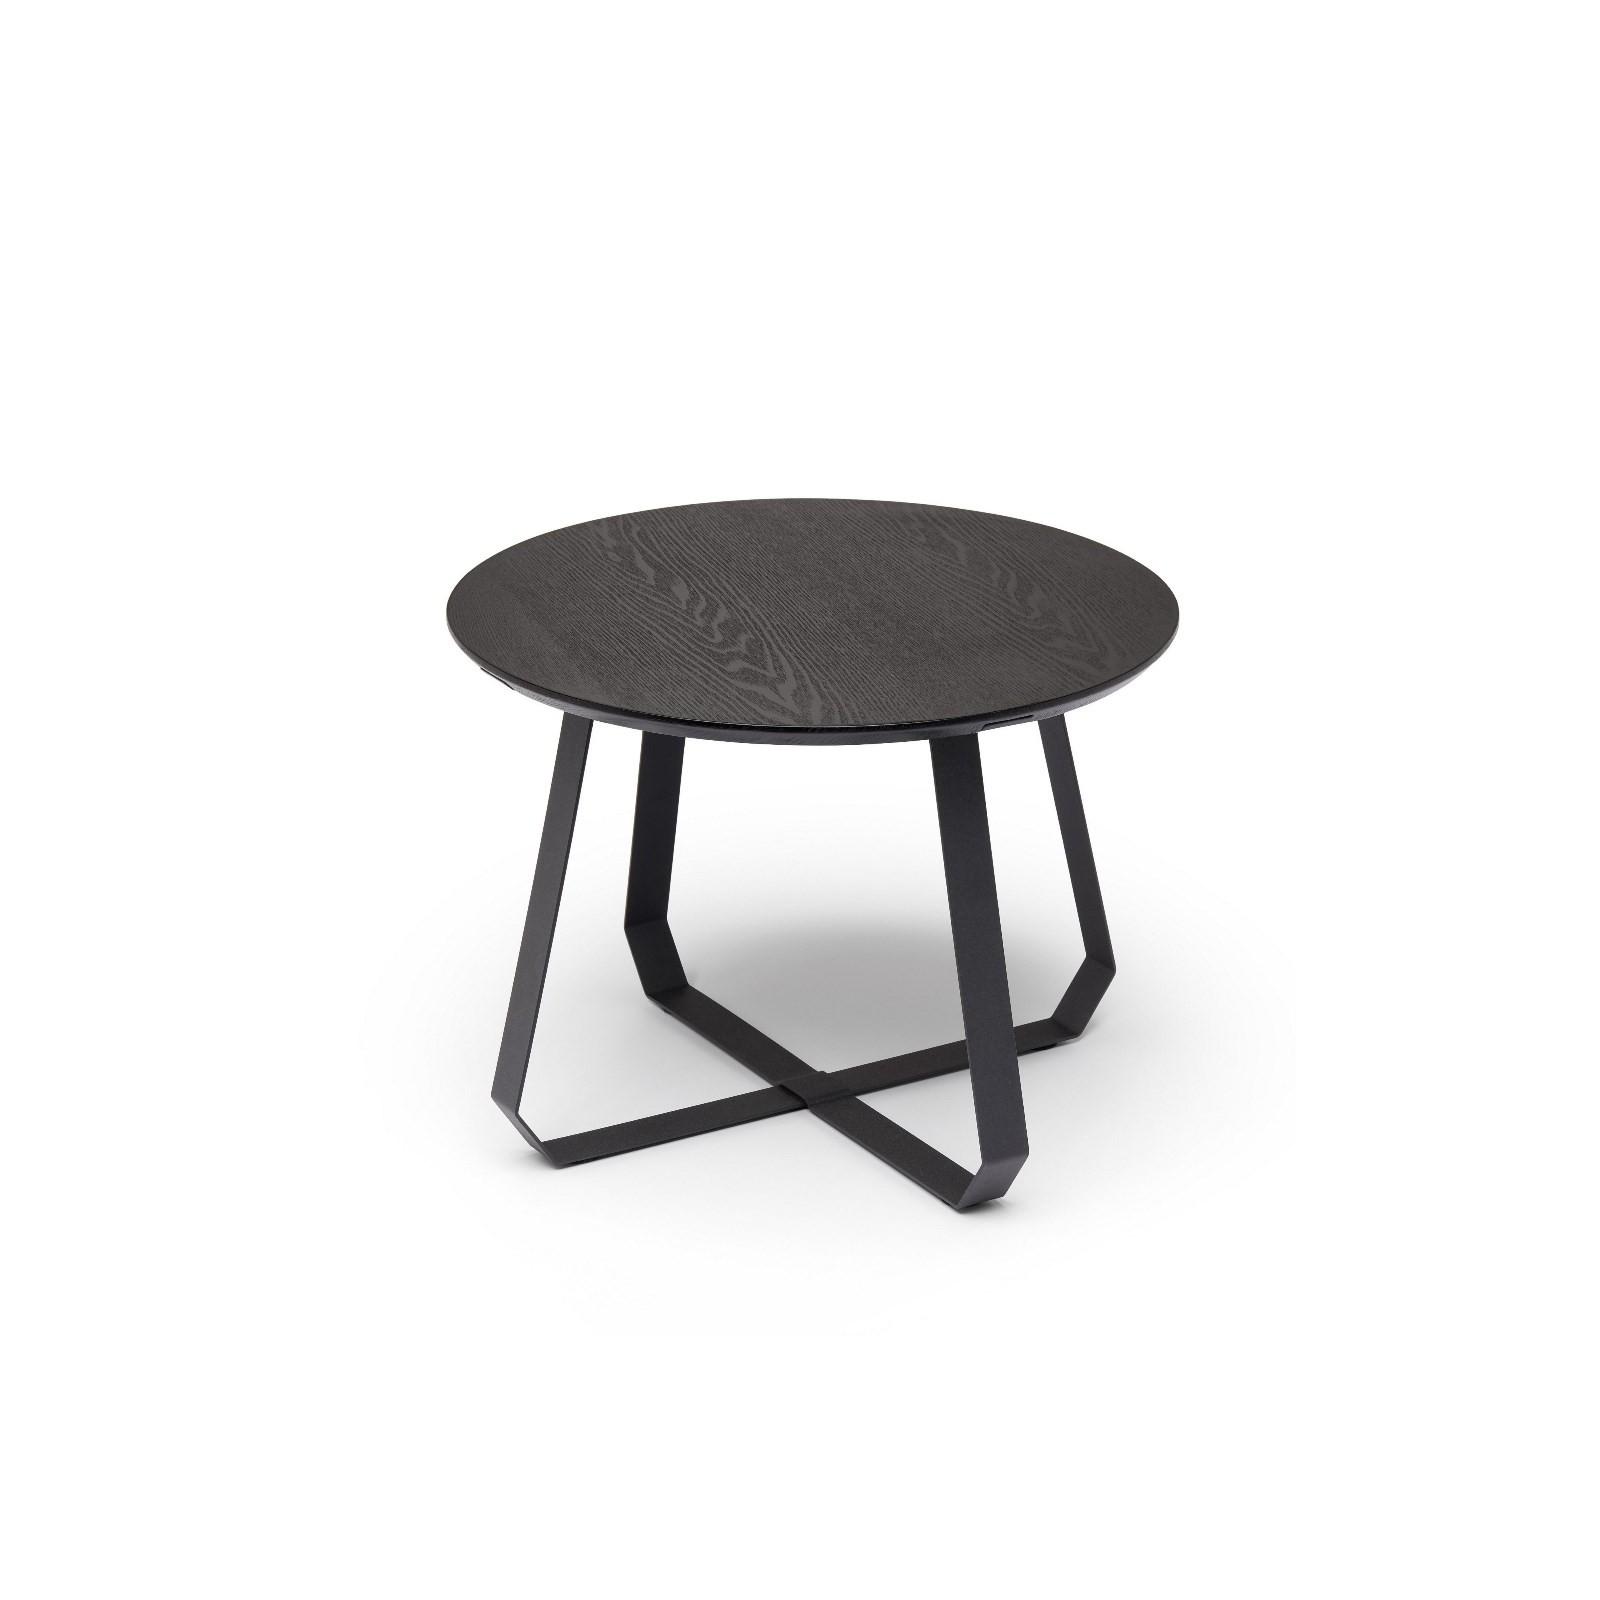 Table D Appoint Design Shunan Par Puik Art